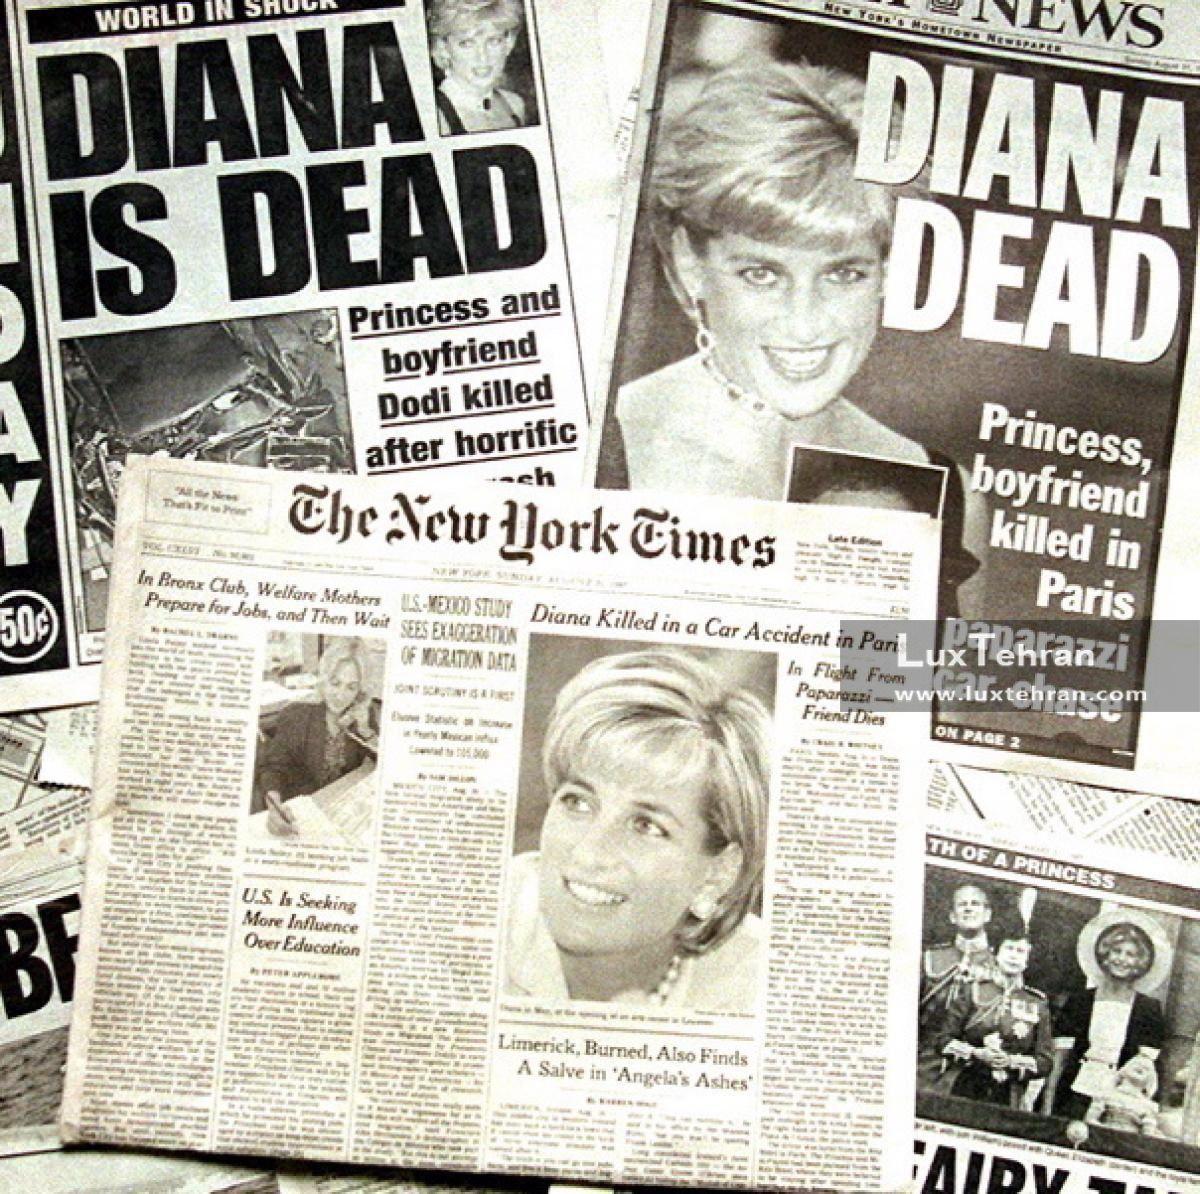 (سرتیتر رسانه های مهم جهان مانند نیویورک تایمز آمریکا در فردای روز کشته شدن پرنسس دایانا)